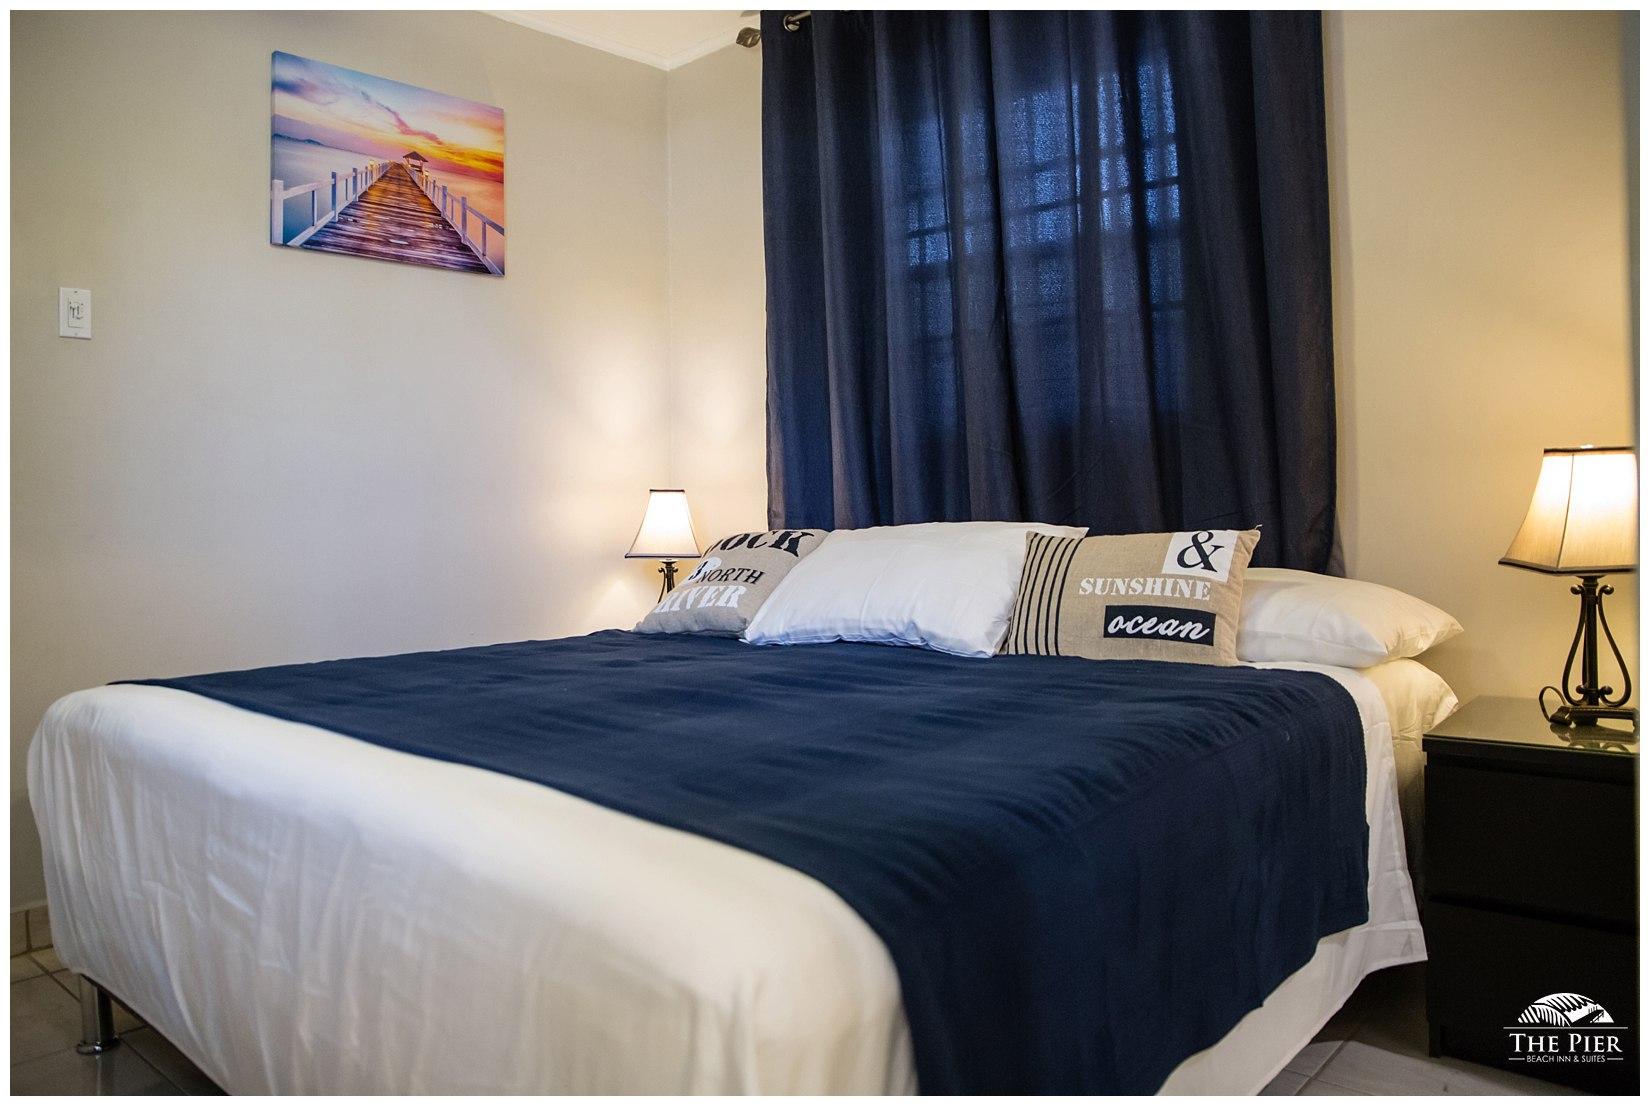 the-pier-beach-inn-suites-2500-slideshow_0025